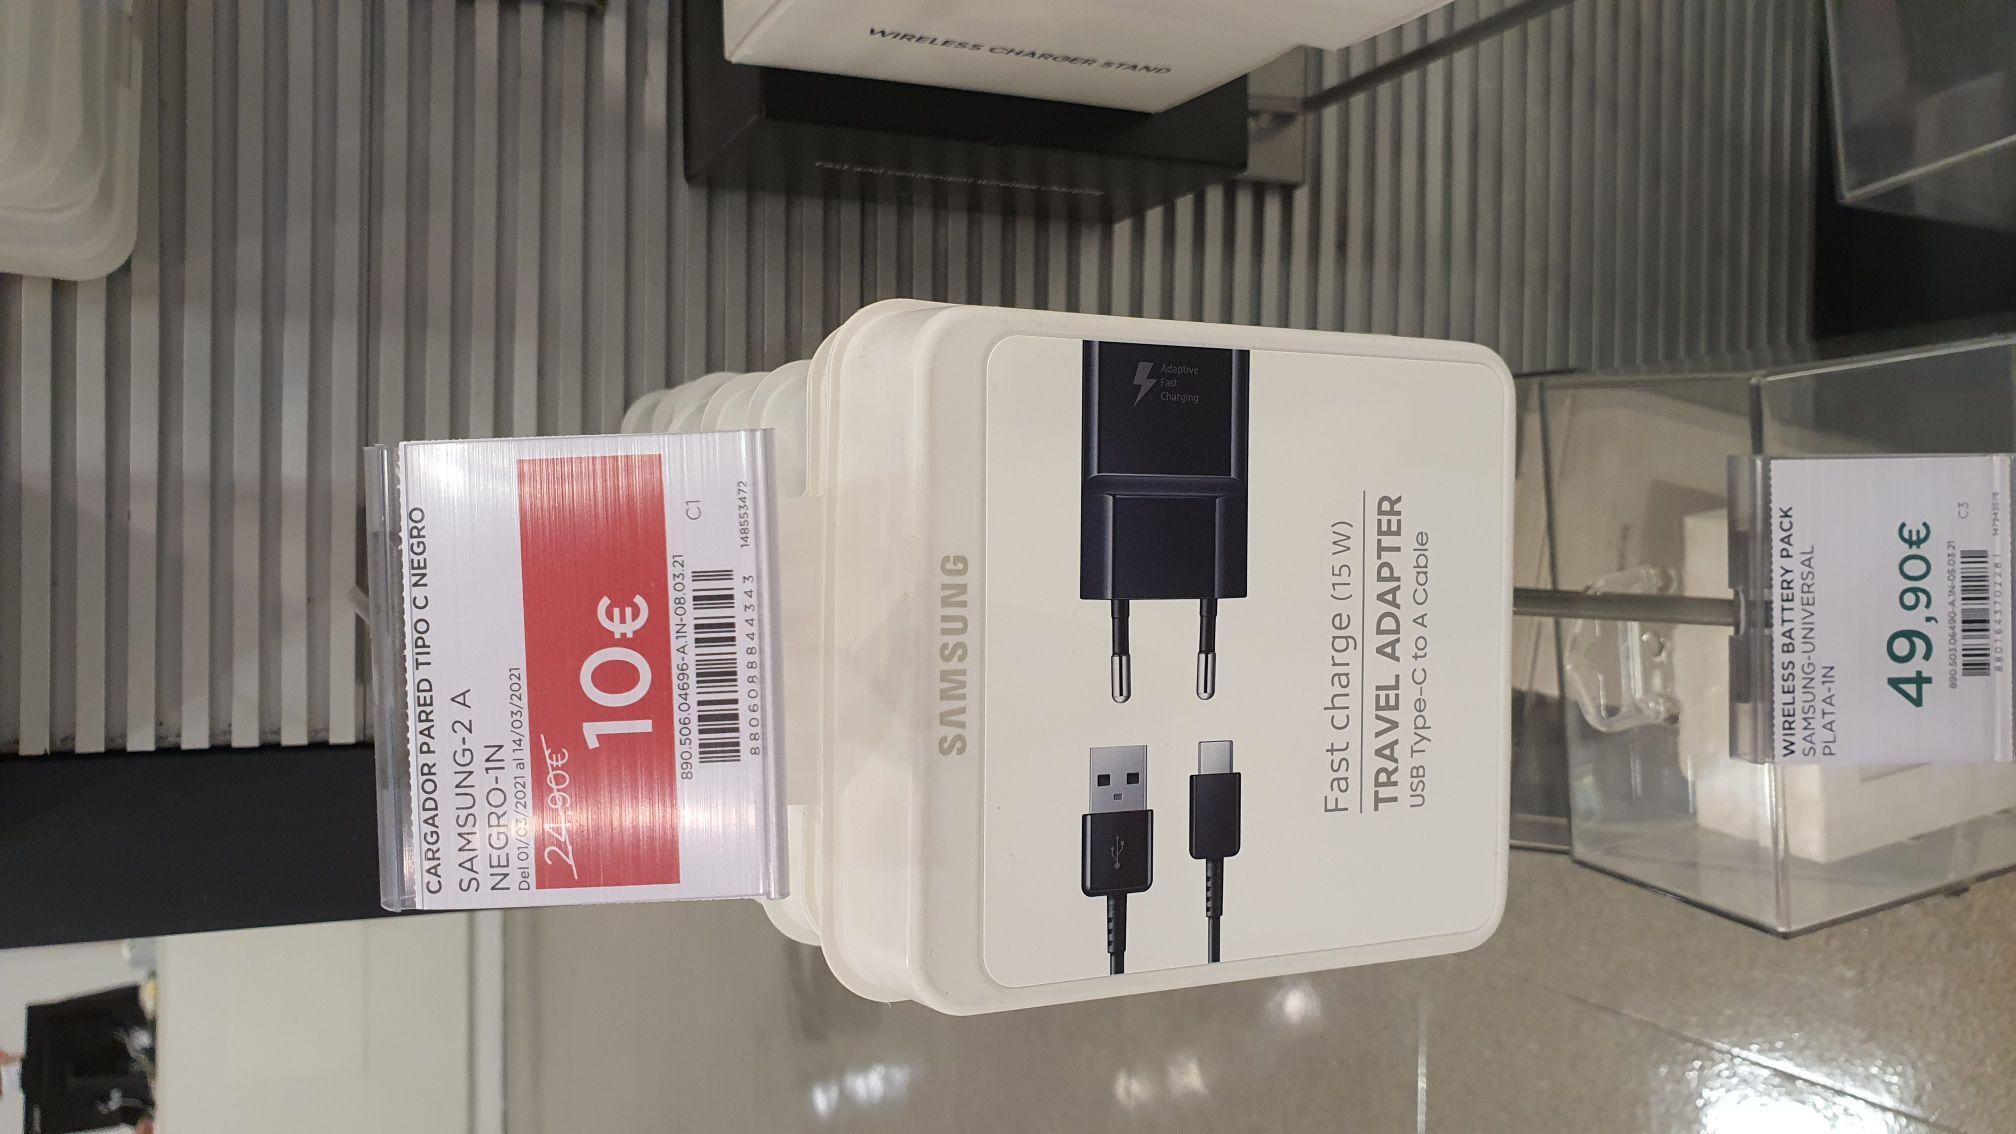 Cargador mas Cable Tipo C Samsung 15W en el corte inglés Parquesur (Madrid)